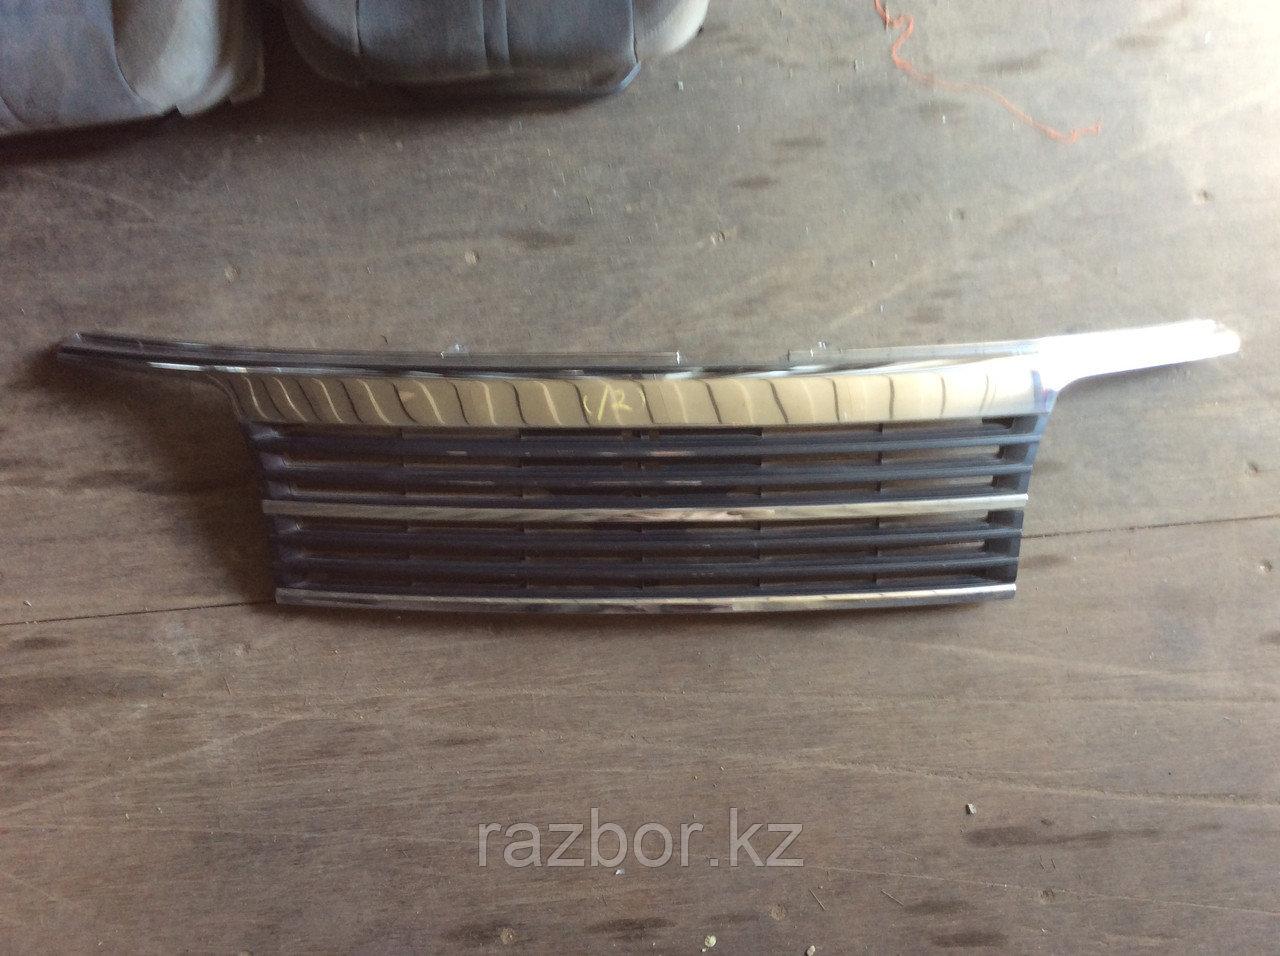 Решётка радиатора Nissan Elgrand 1997-2000